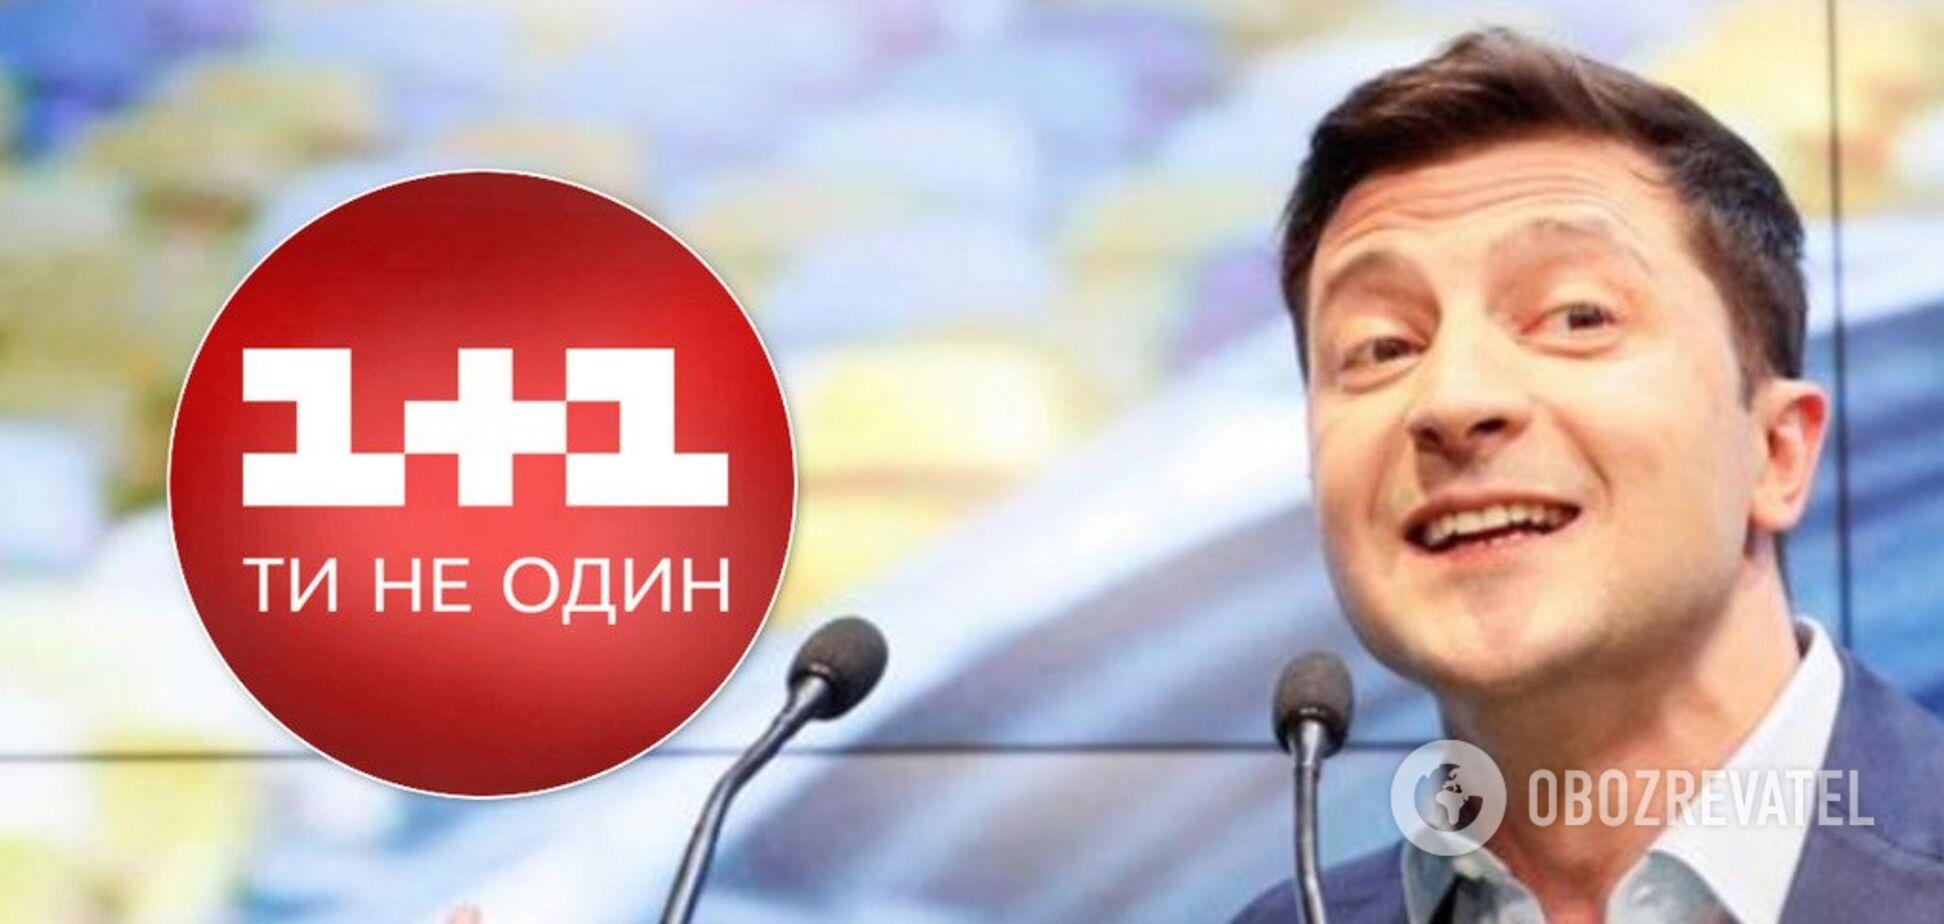 Зеленский принял в партию журналистов '1+1'